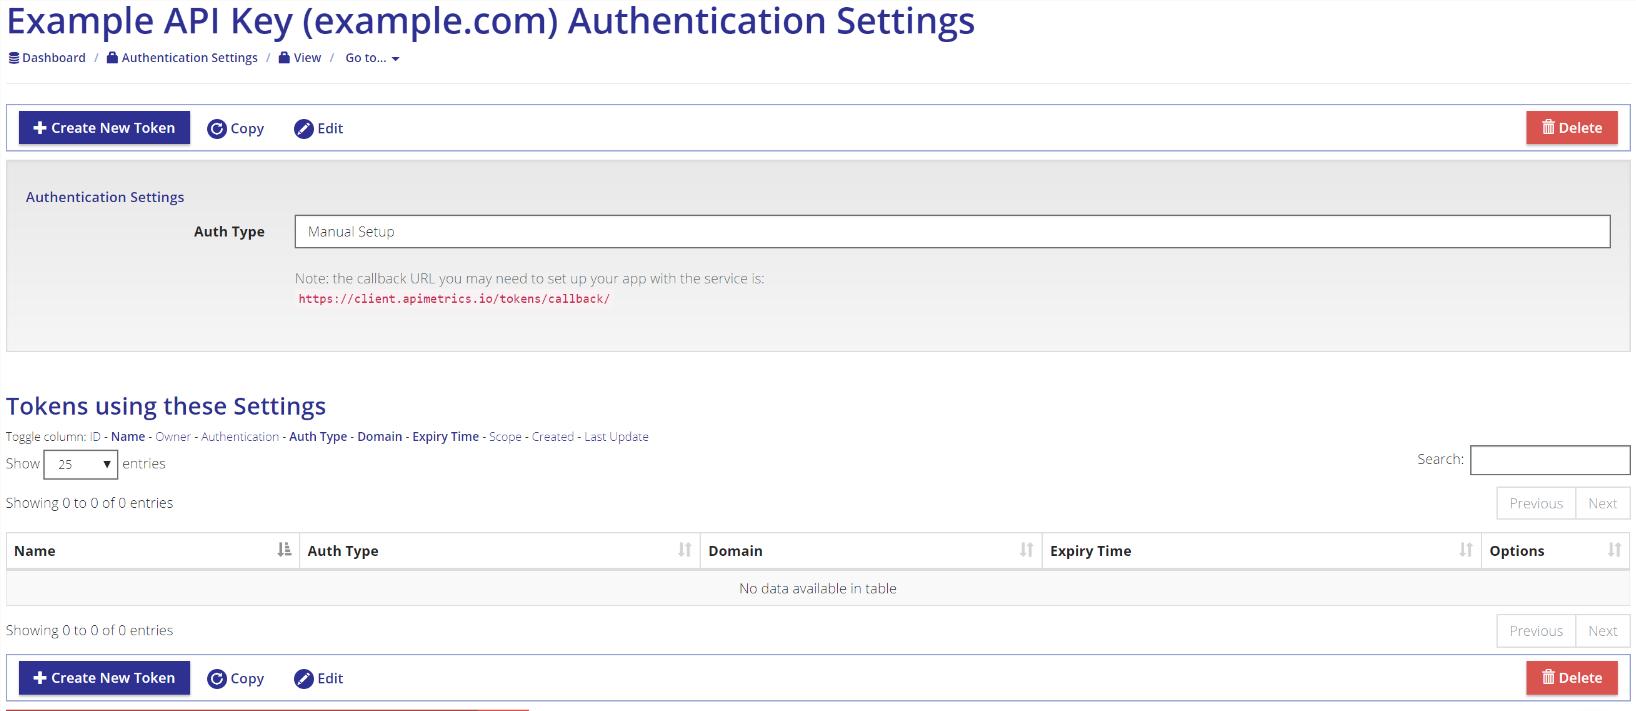 Setting Up API Key Based Authentication